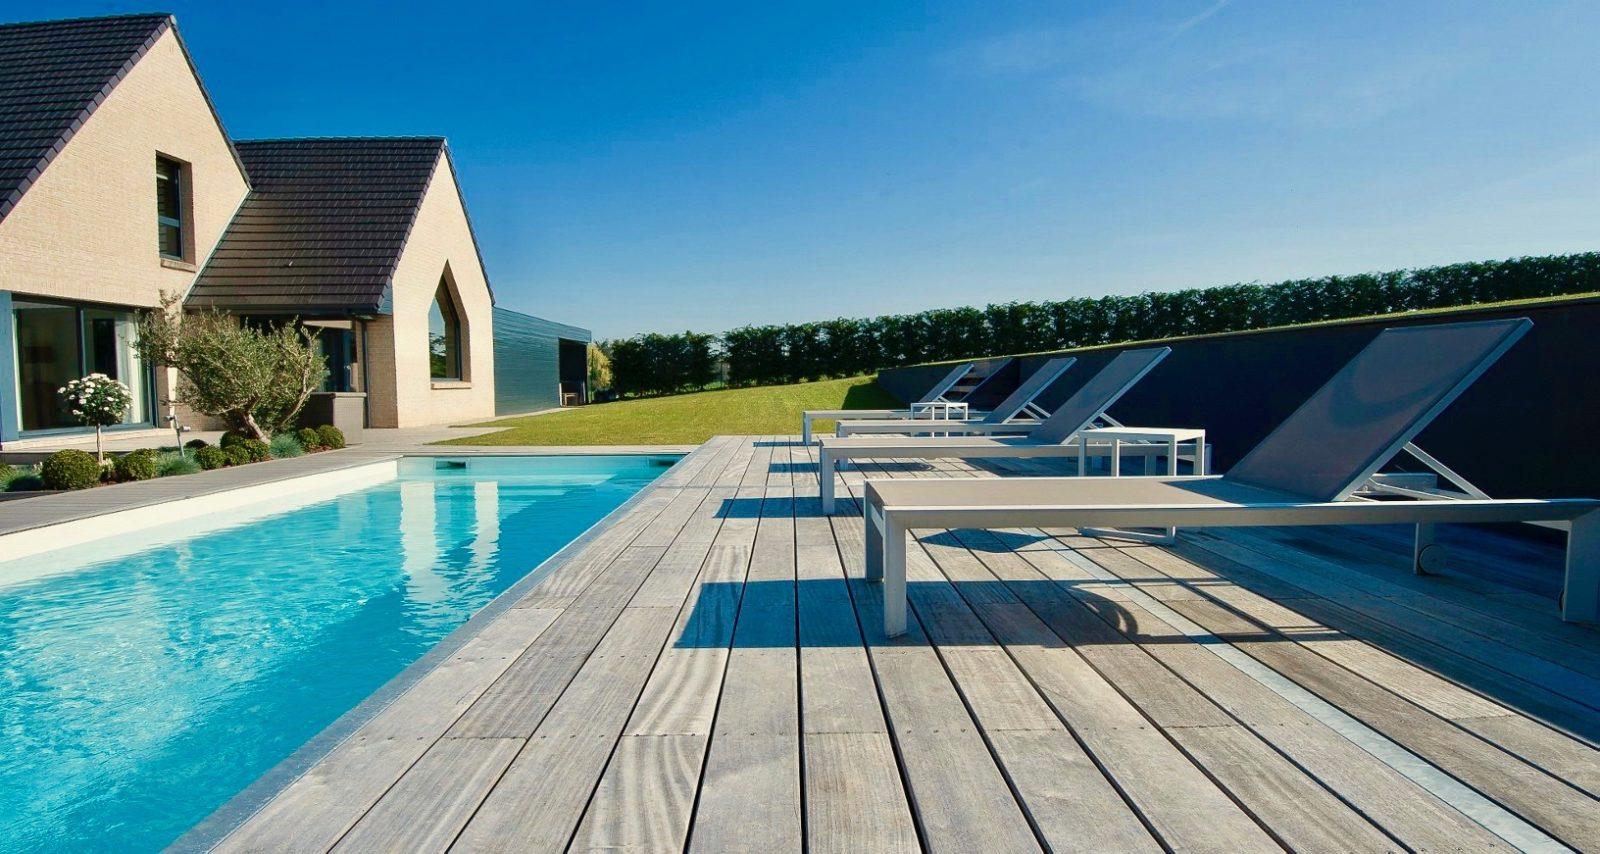 Bicarbonate De Soude Pour Terrasse nettoyer sa terrasse en bois exotique ou pin| destombes bois